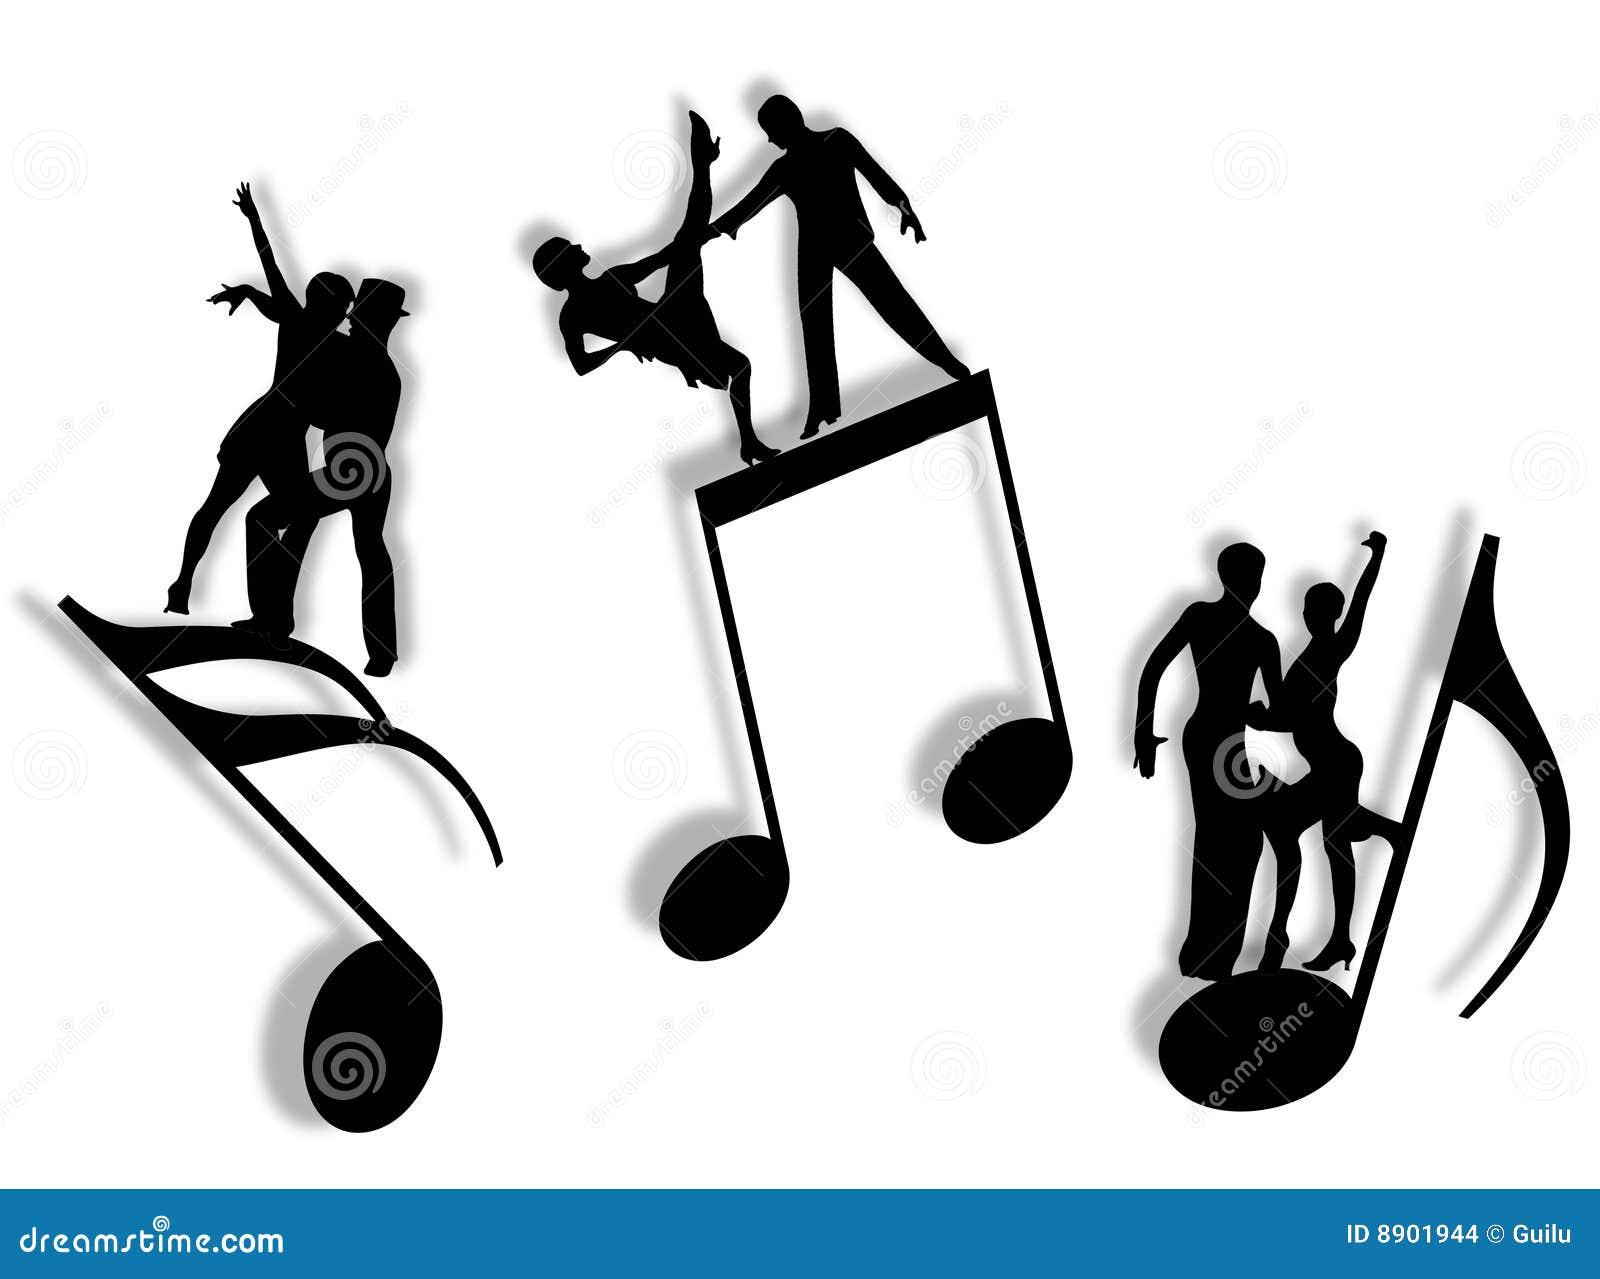 m u00fasica y danza imagenes de archivo imagen 8901944 vector musical notes free vector music notes illustrator